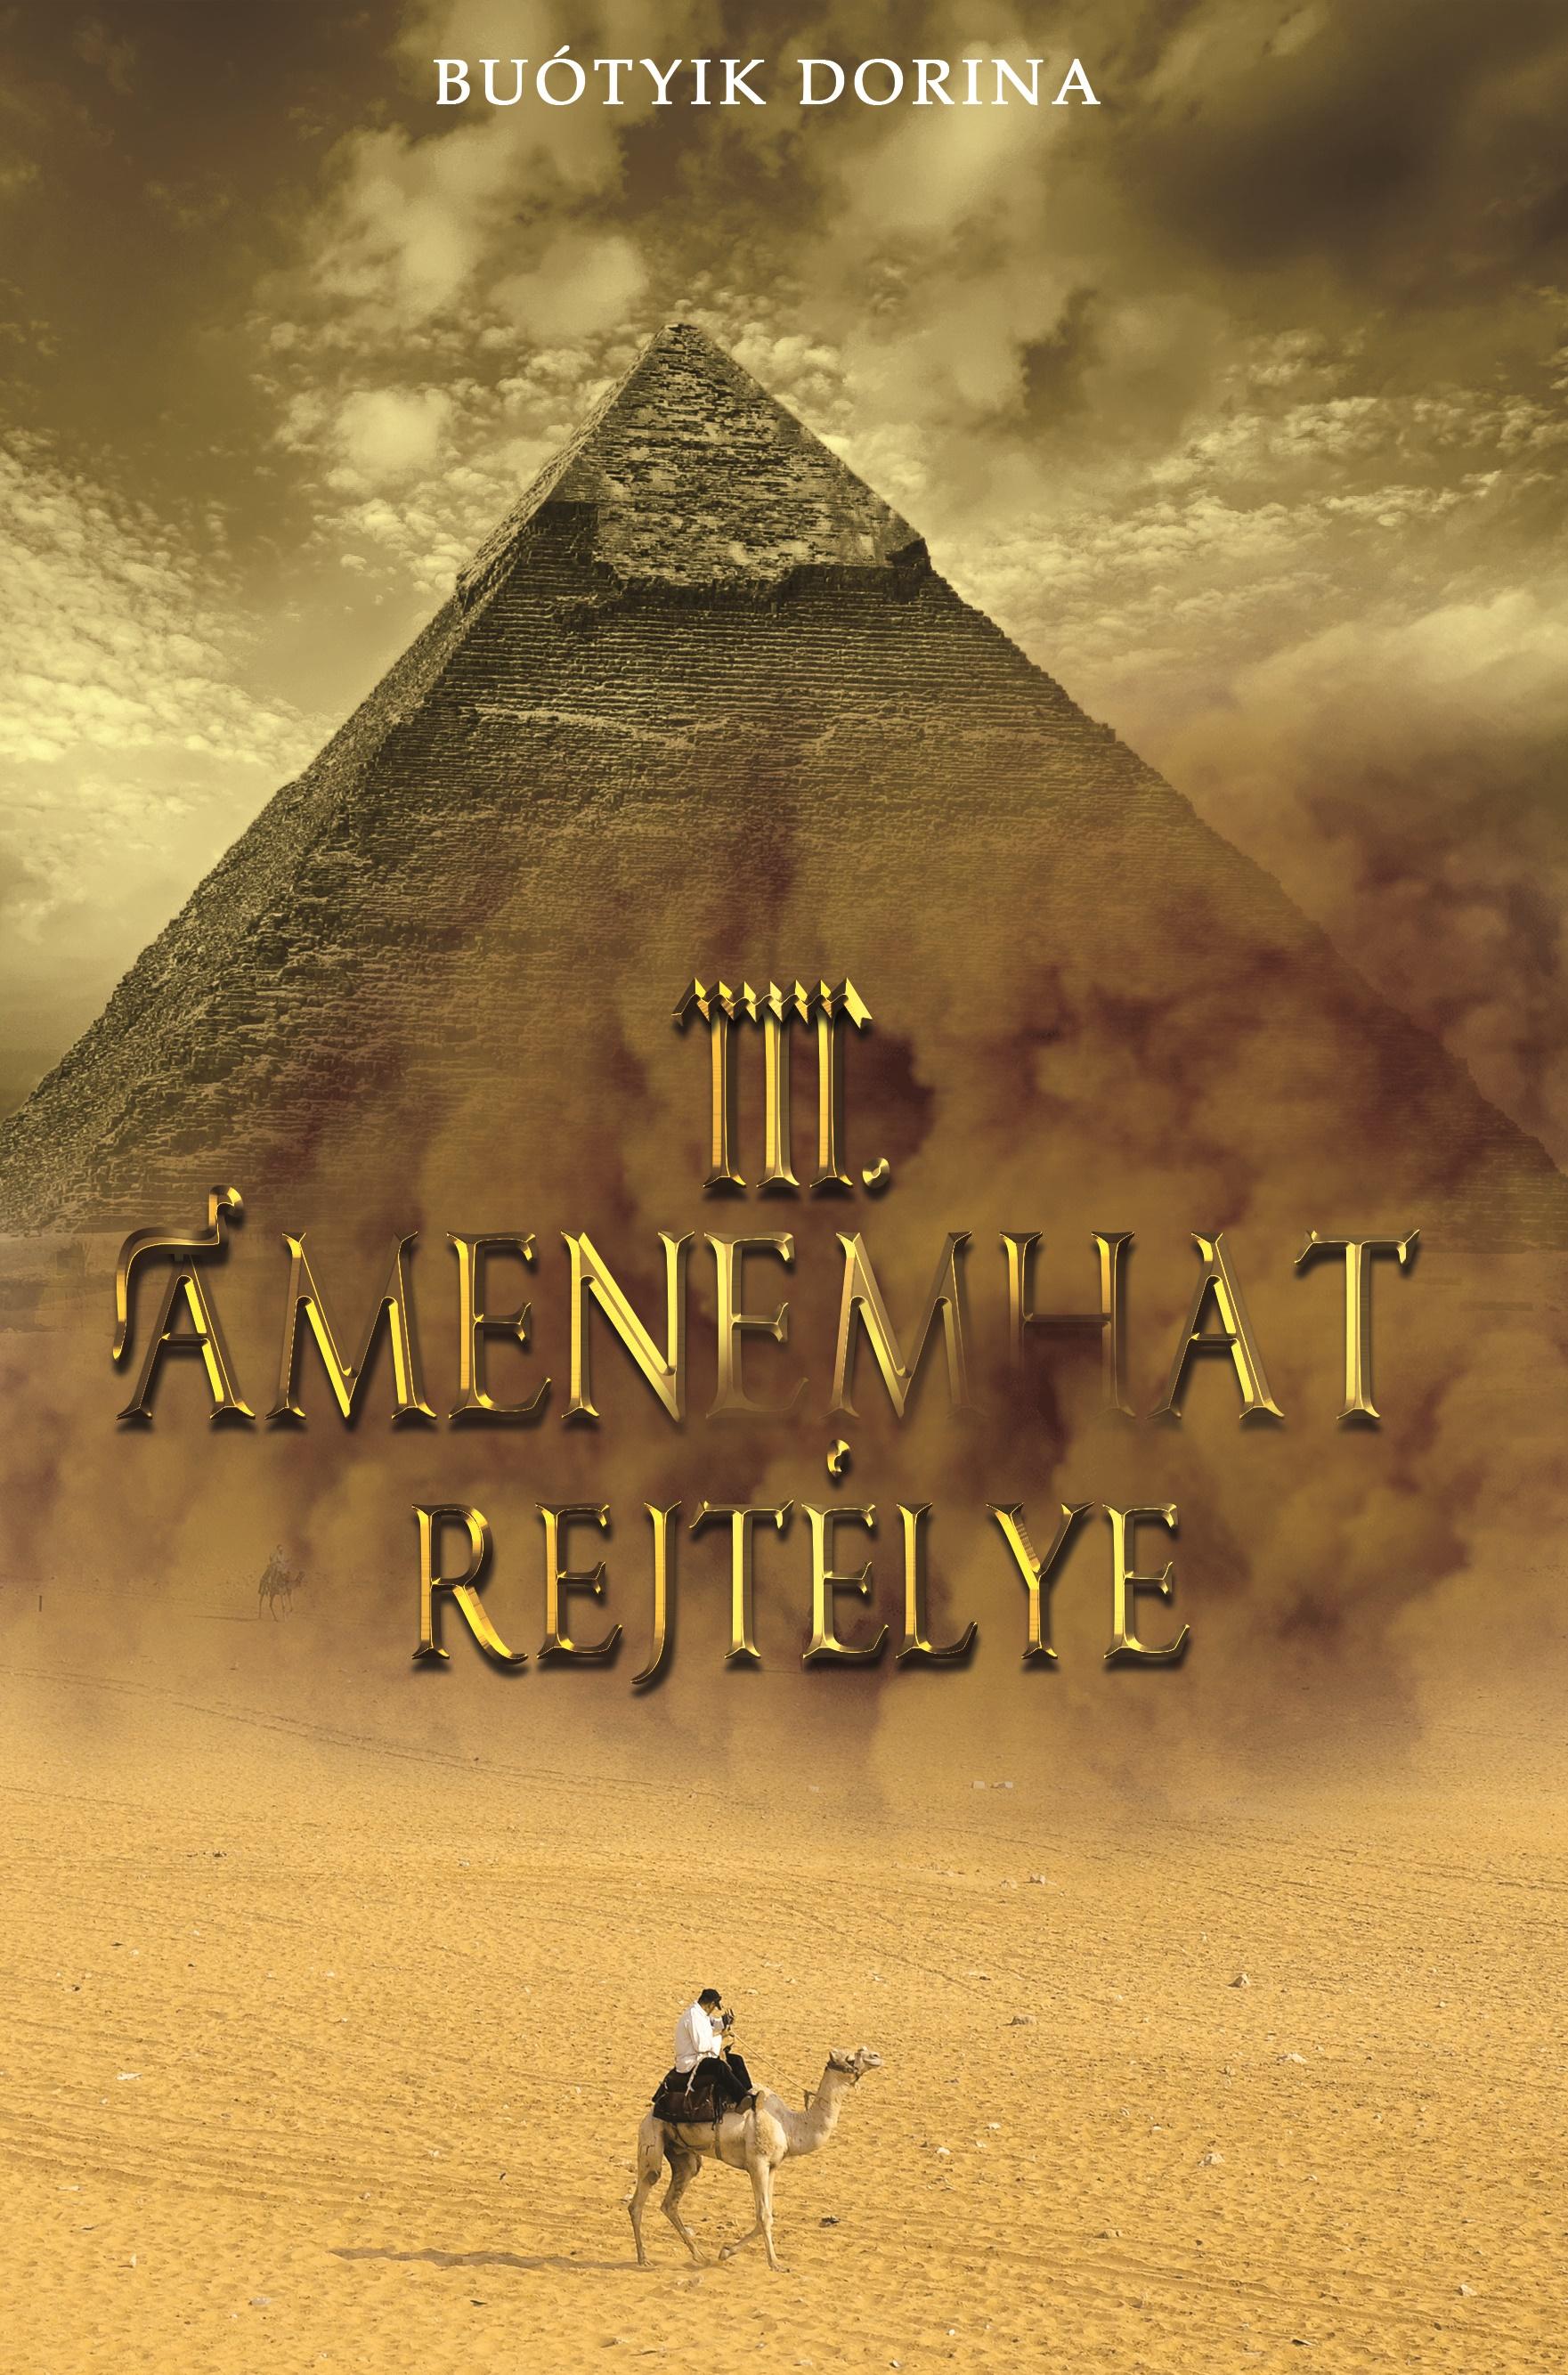 III. Amenemhat rejtélye